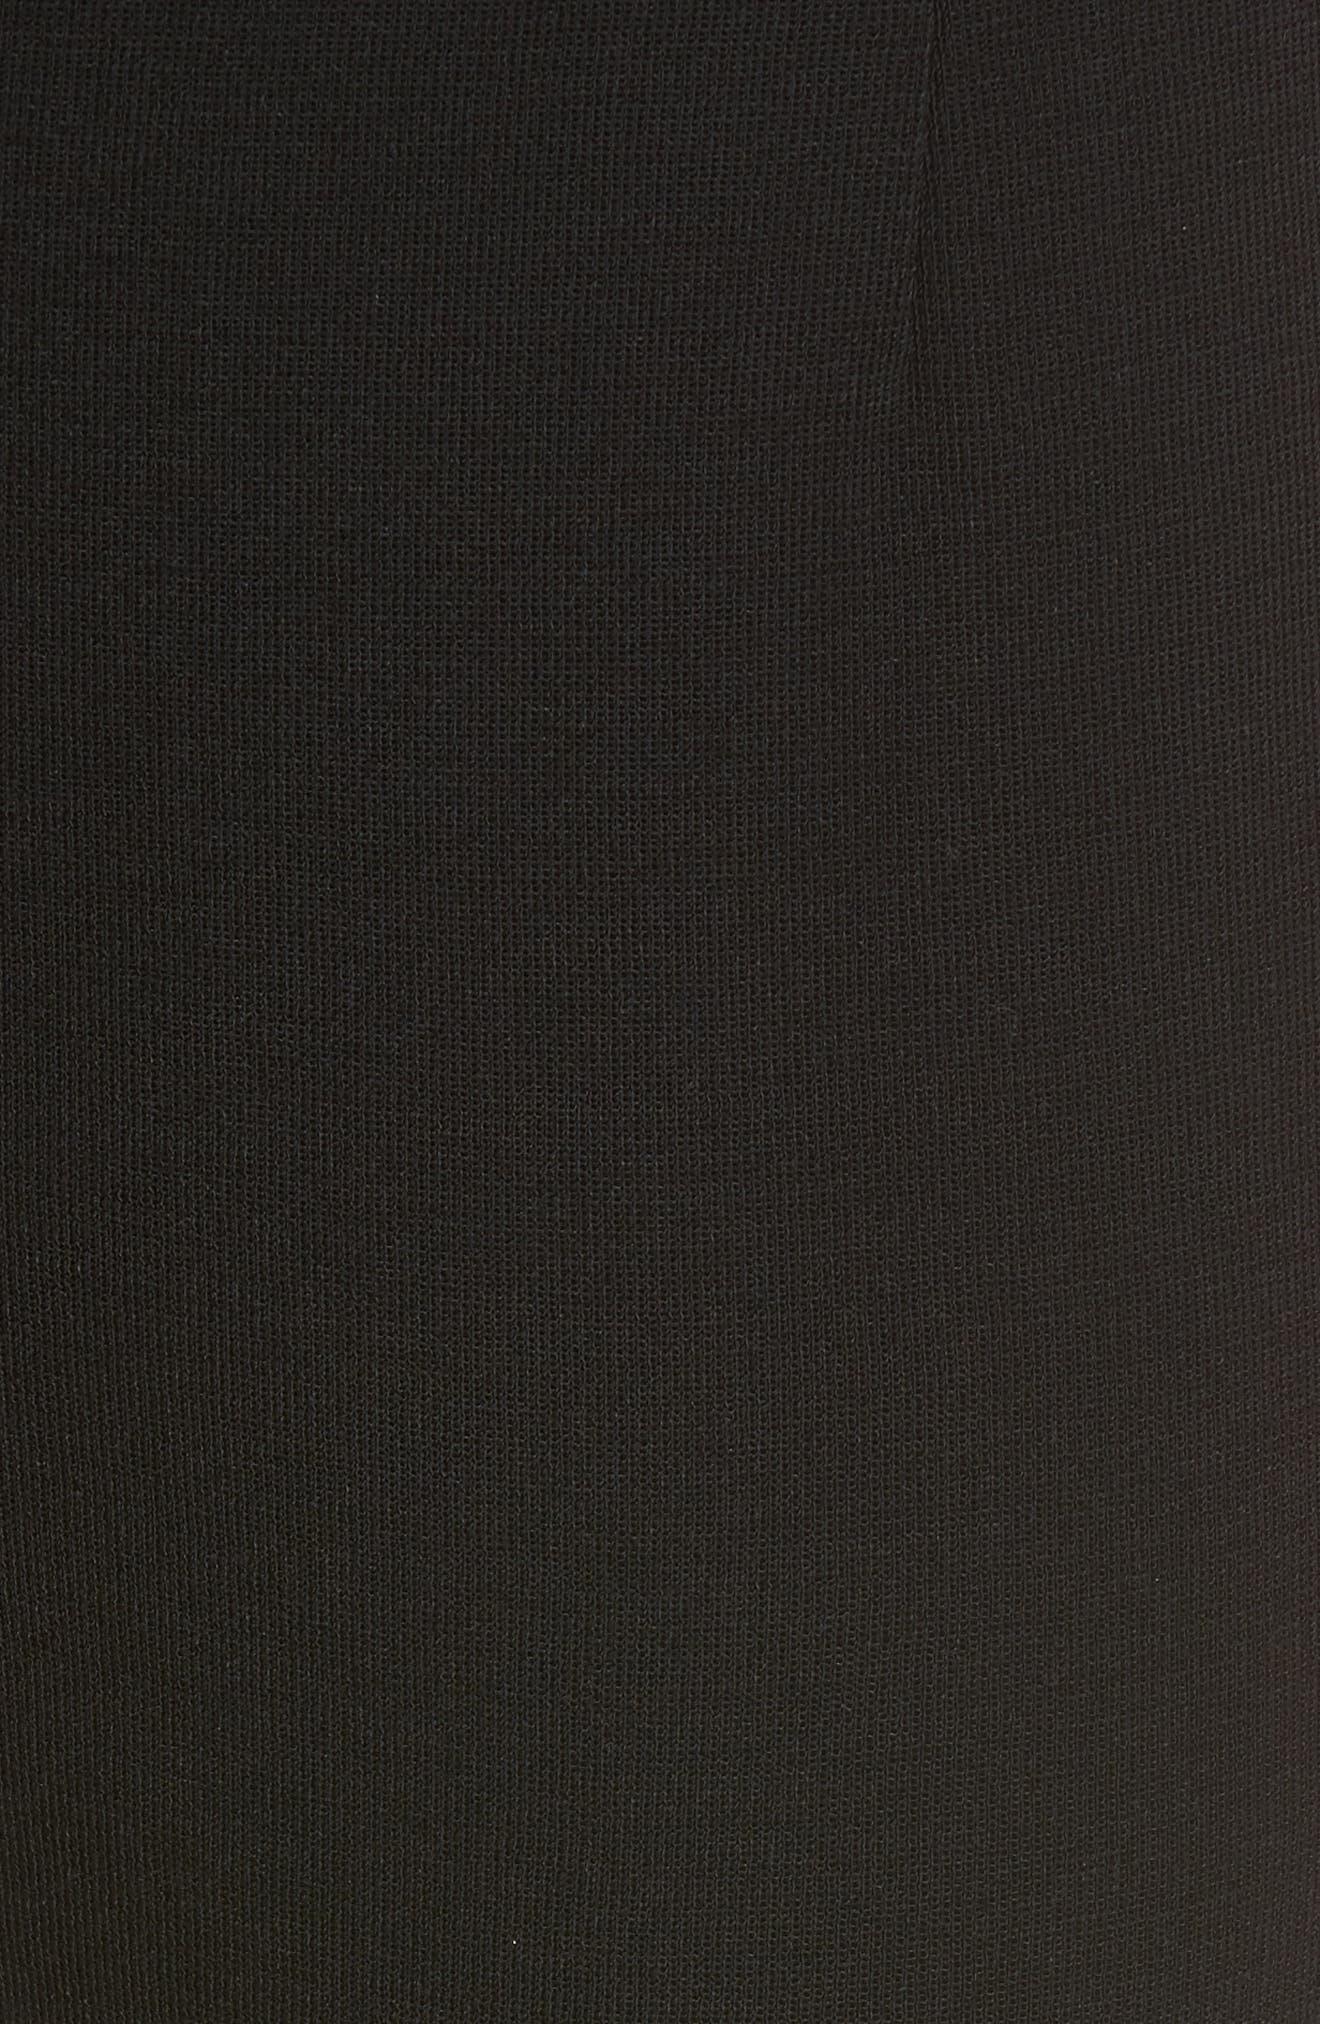 Faux Leather Trim Leggings,                             Alternate thumbnail 5, color,                             BLACK